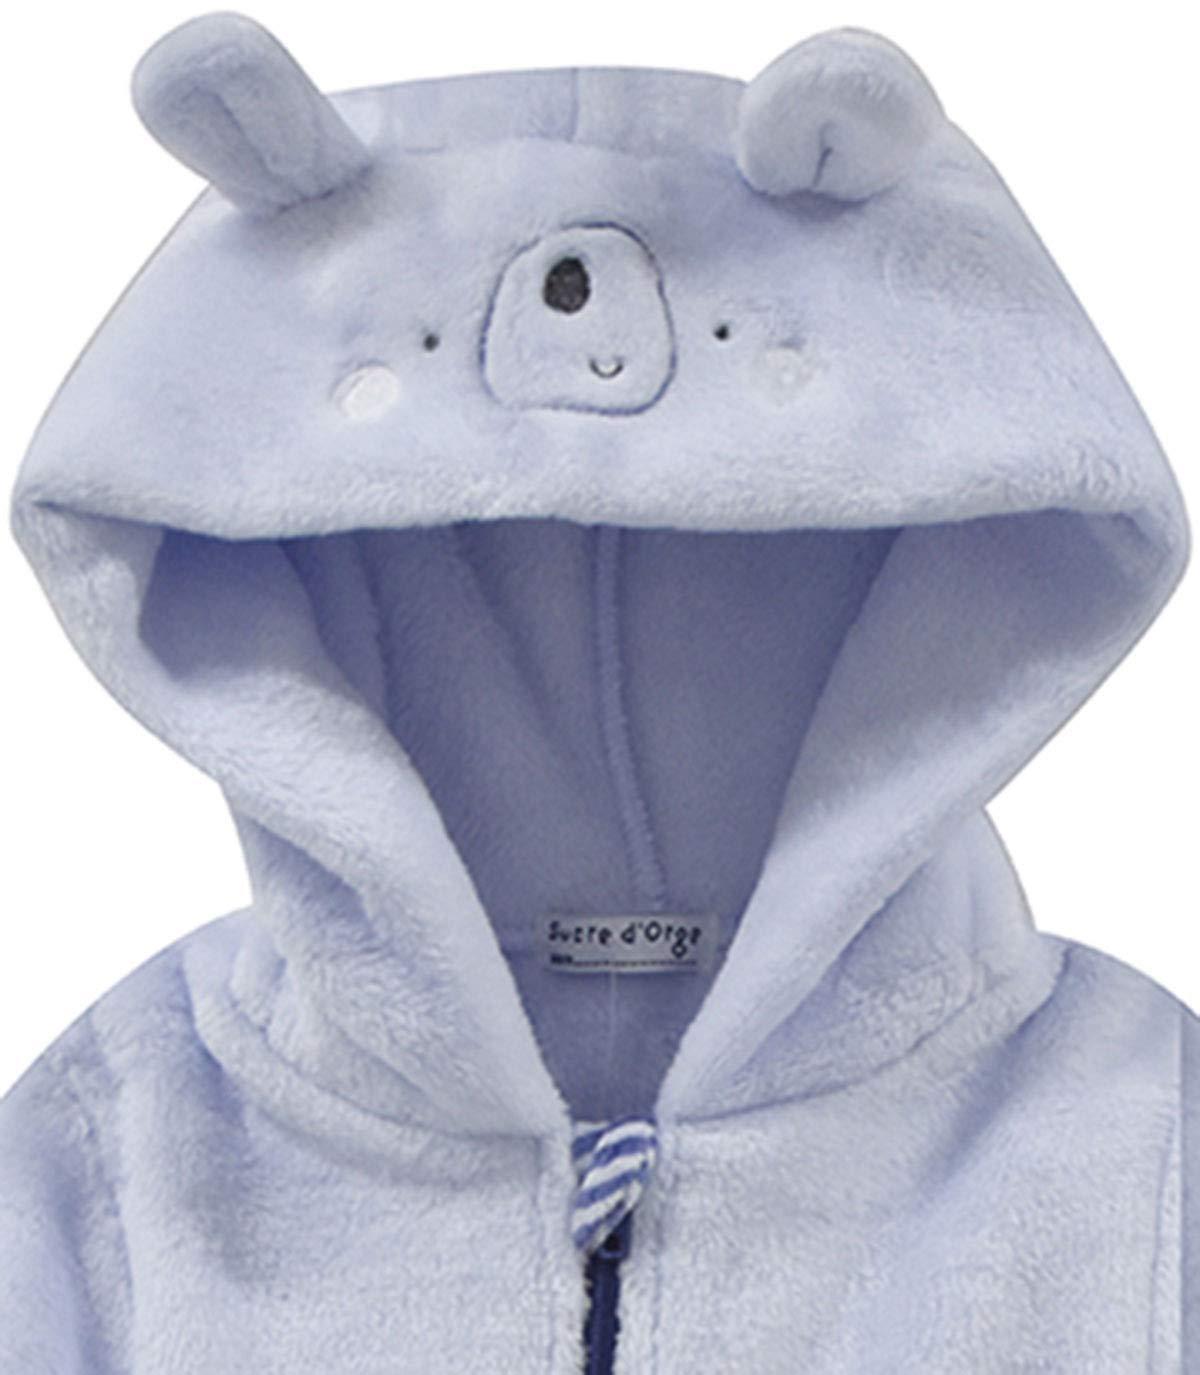 c0f5de5dc4b38 Sucre D Orge - sleepwear - Masculin - 1 - surpyjama ciel - Taille 6 Mois -  Couleur Bleu  Amazon.fr  Bébés   Puériculture